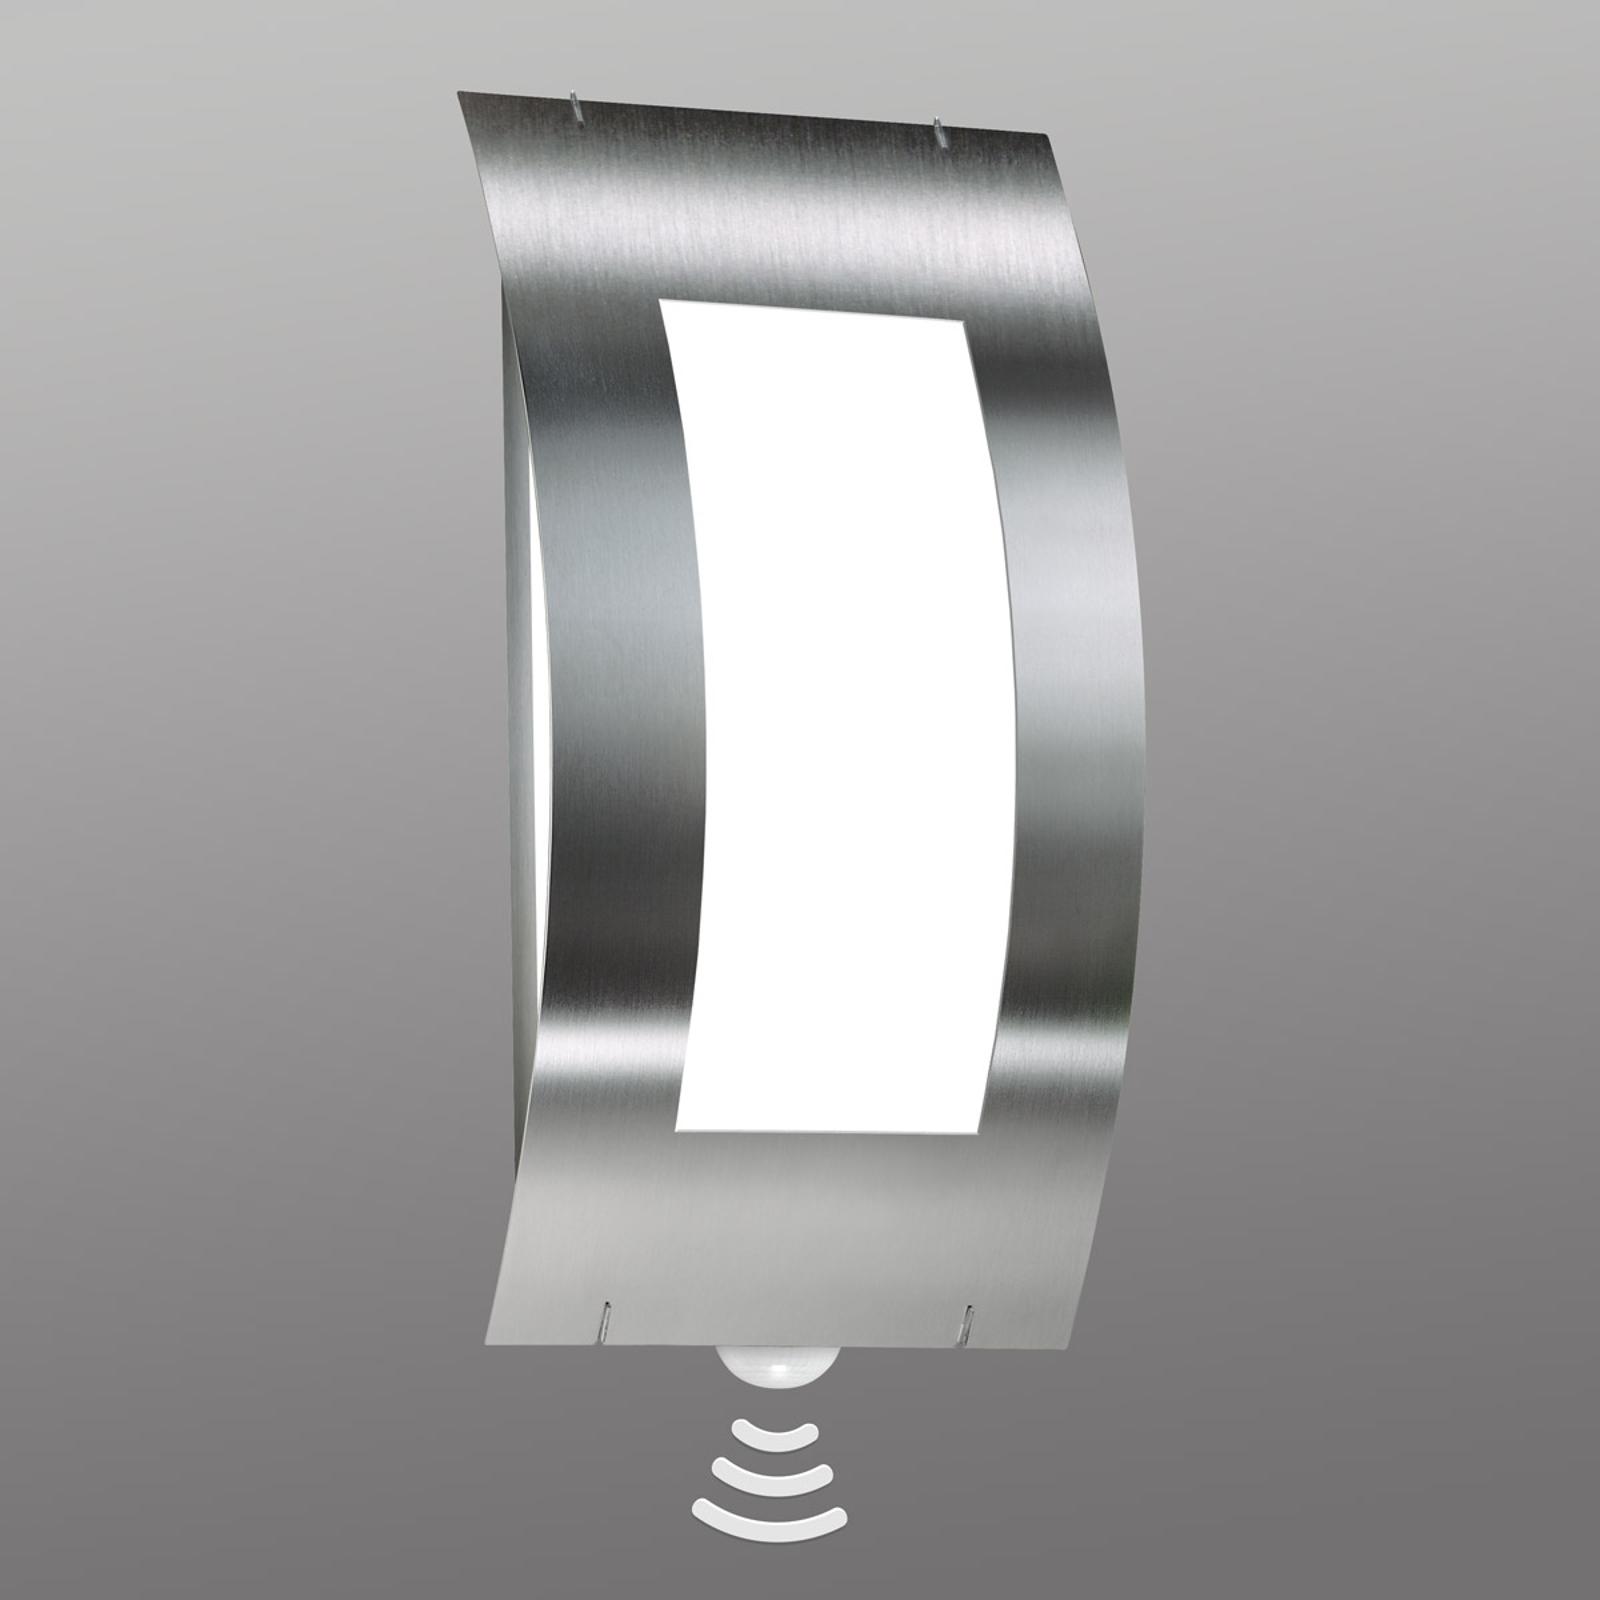 Venkovní nástěnné svítidlo Quadrat z nerezu senzor